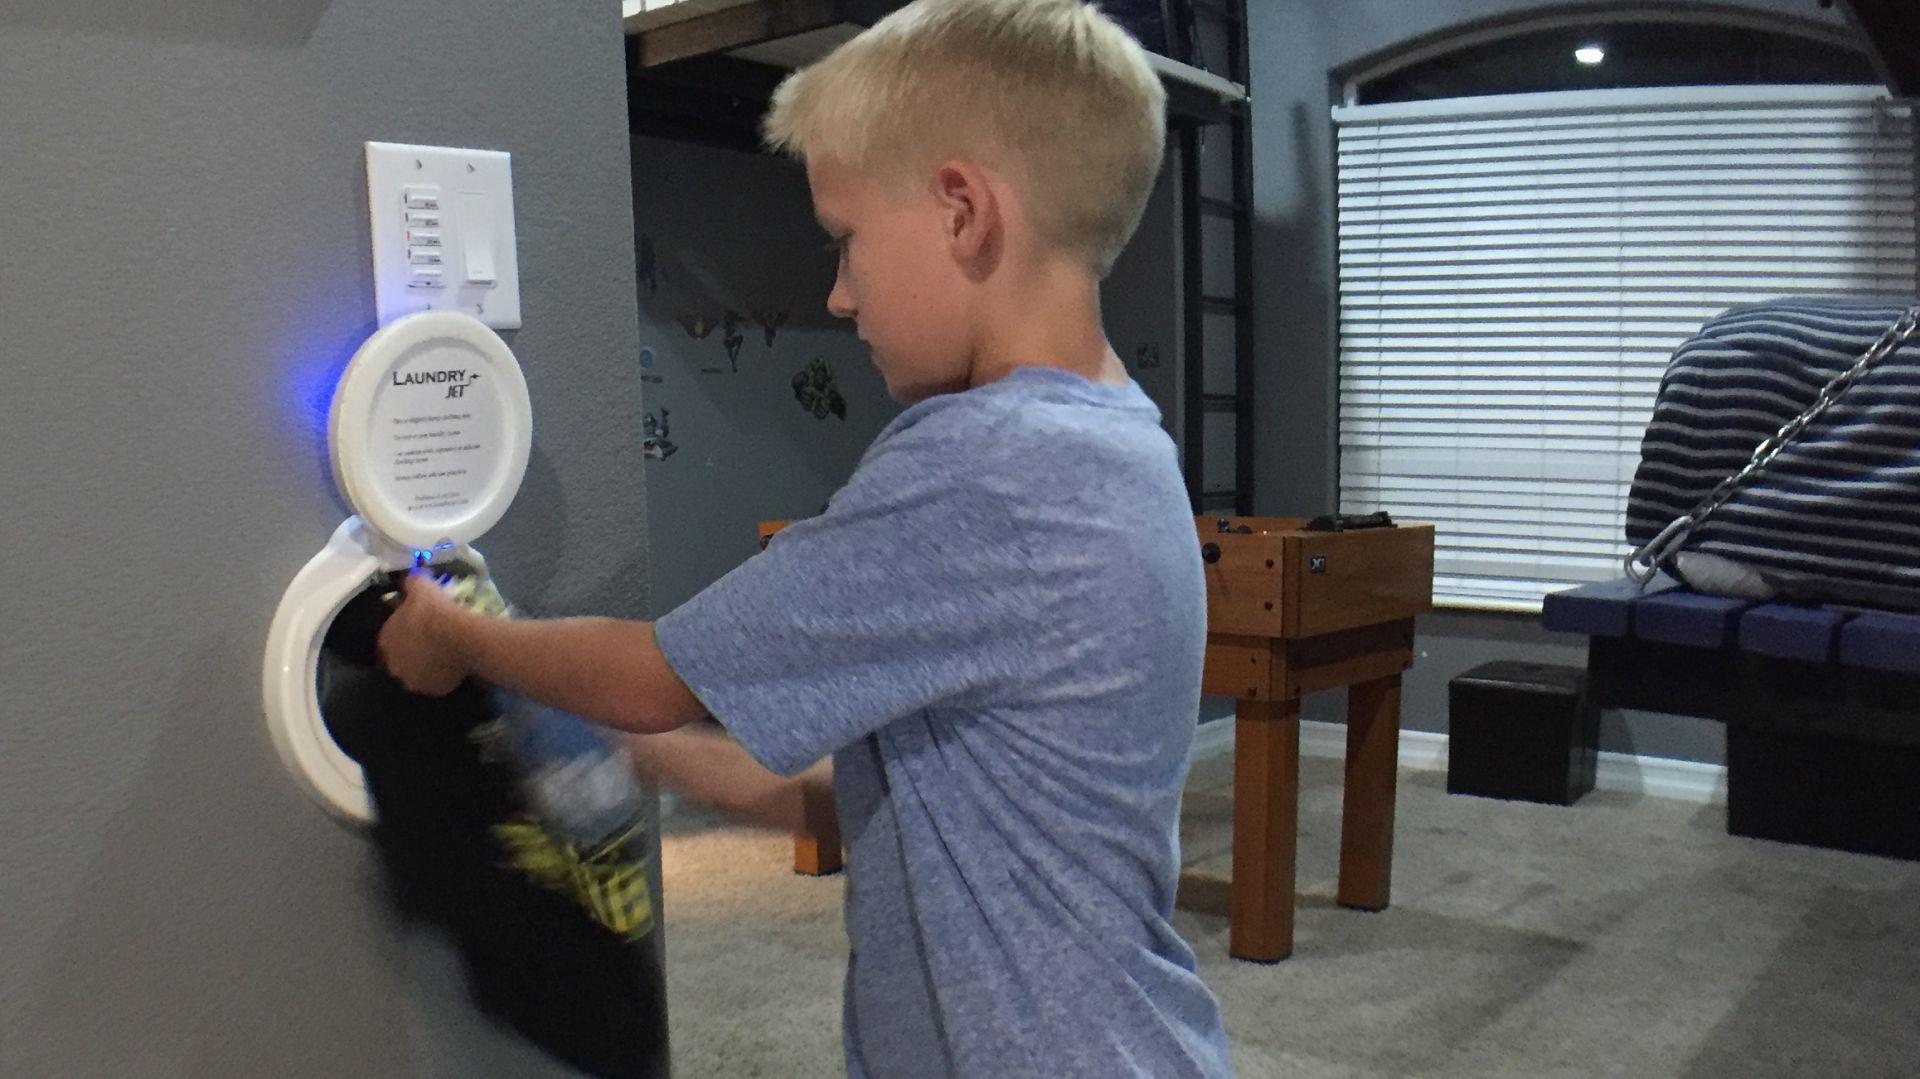 Laundry Jet to nowoczesny, kompletny system odkurzacza centralnego do transportu brudnych ubrań z całego domu, nie jest ograniczony lokalizacją i współpracuje zarówno z domami jednorodzinnymi, jak i wielopiętrowymi i lokalami handlowymi. Fot. Ecomax